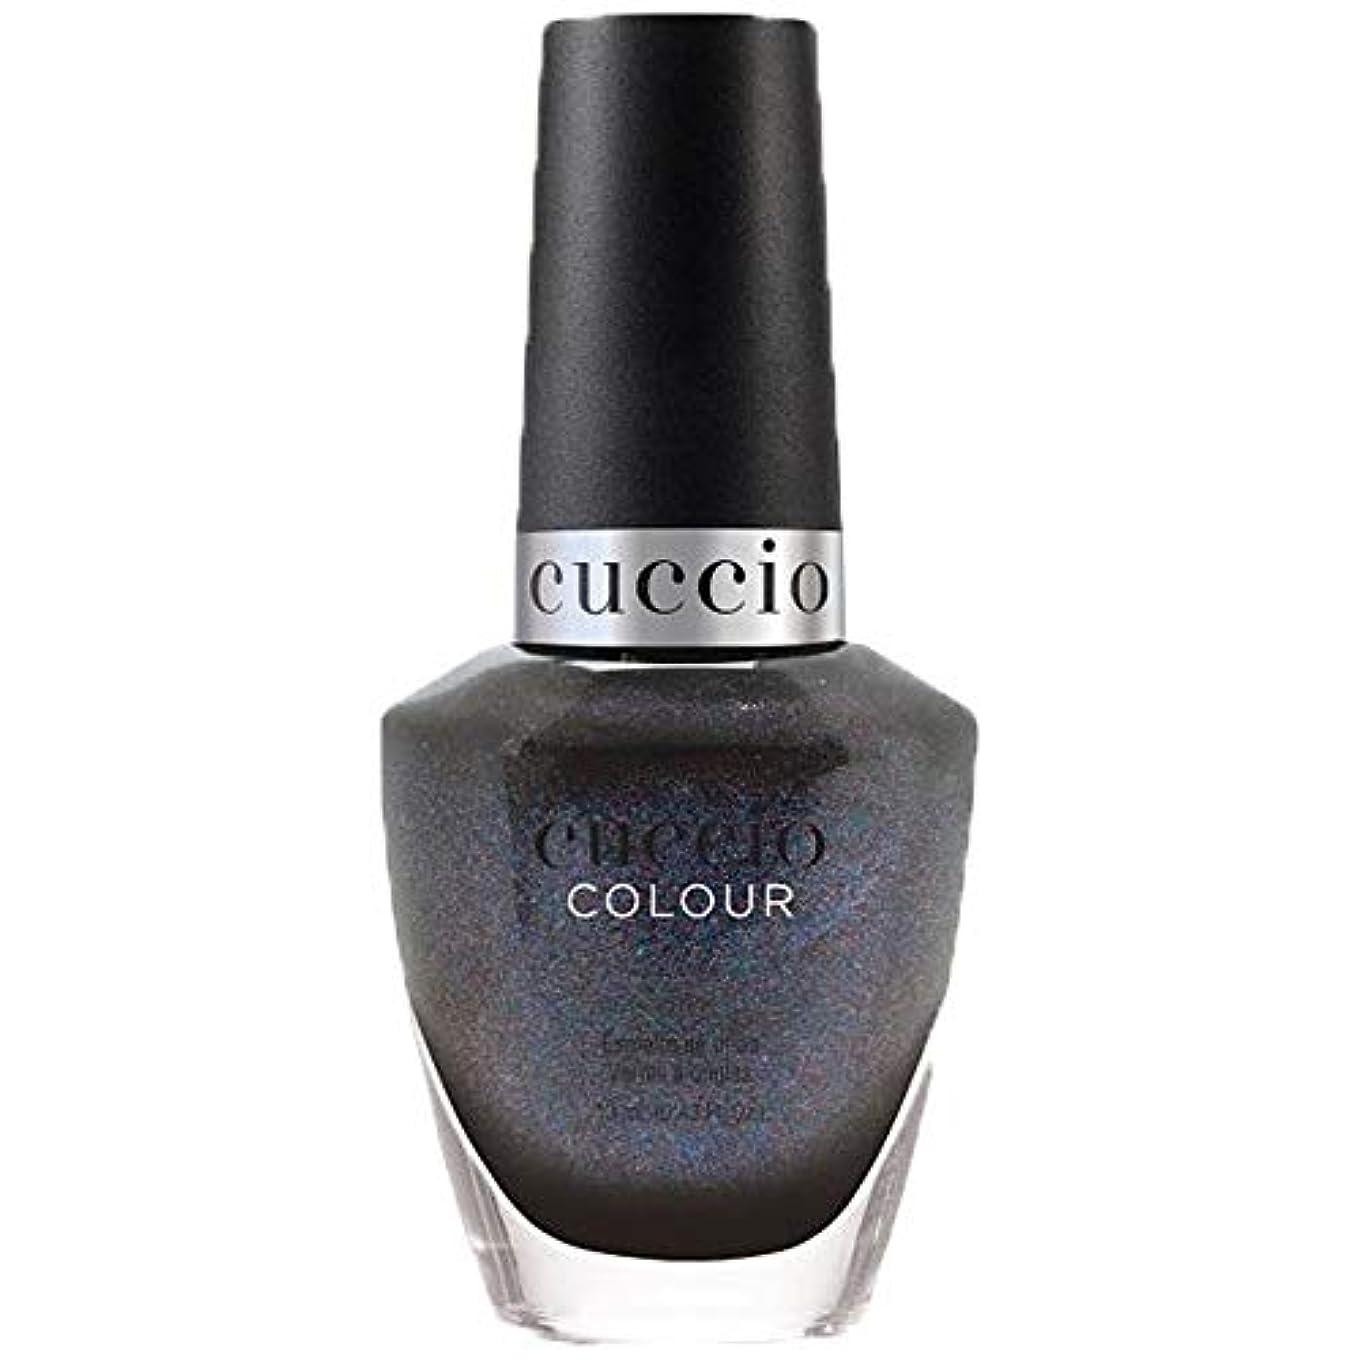 交渉する放散する論文Cuccio Colour Nail Lacquer - Tapestry Collection - Cover Me Up! - 13 mL / 0.43 oz